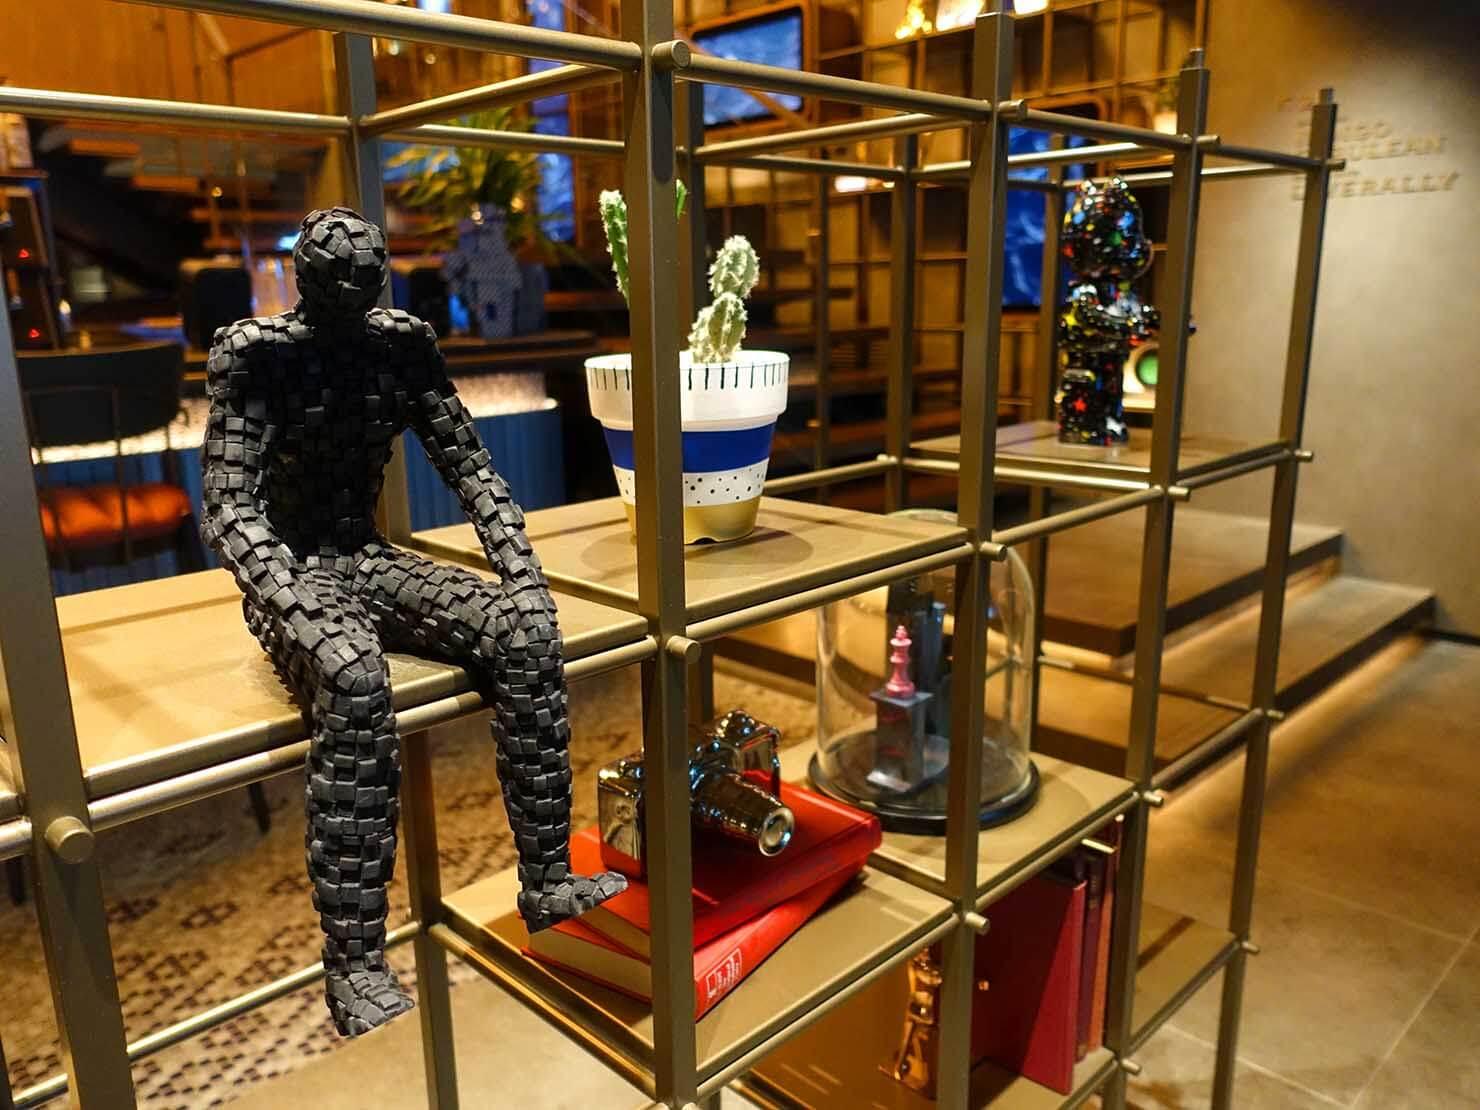 福岡・中洲川端にあるおしゃれなおすすめホテル「THE LIVELY」1Fロビーの飾り棚